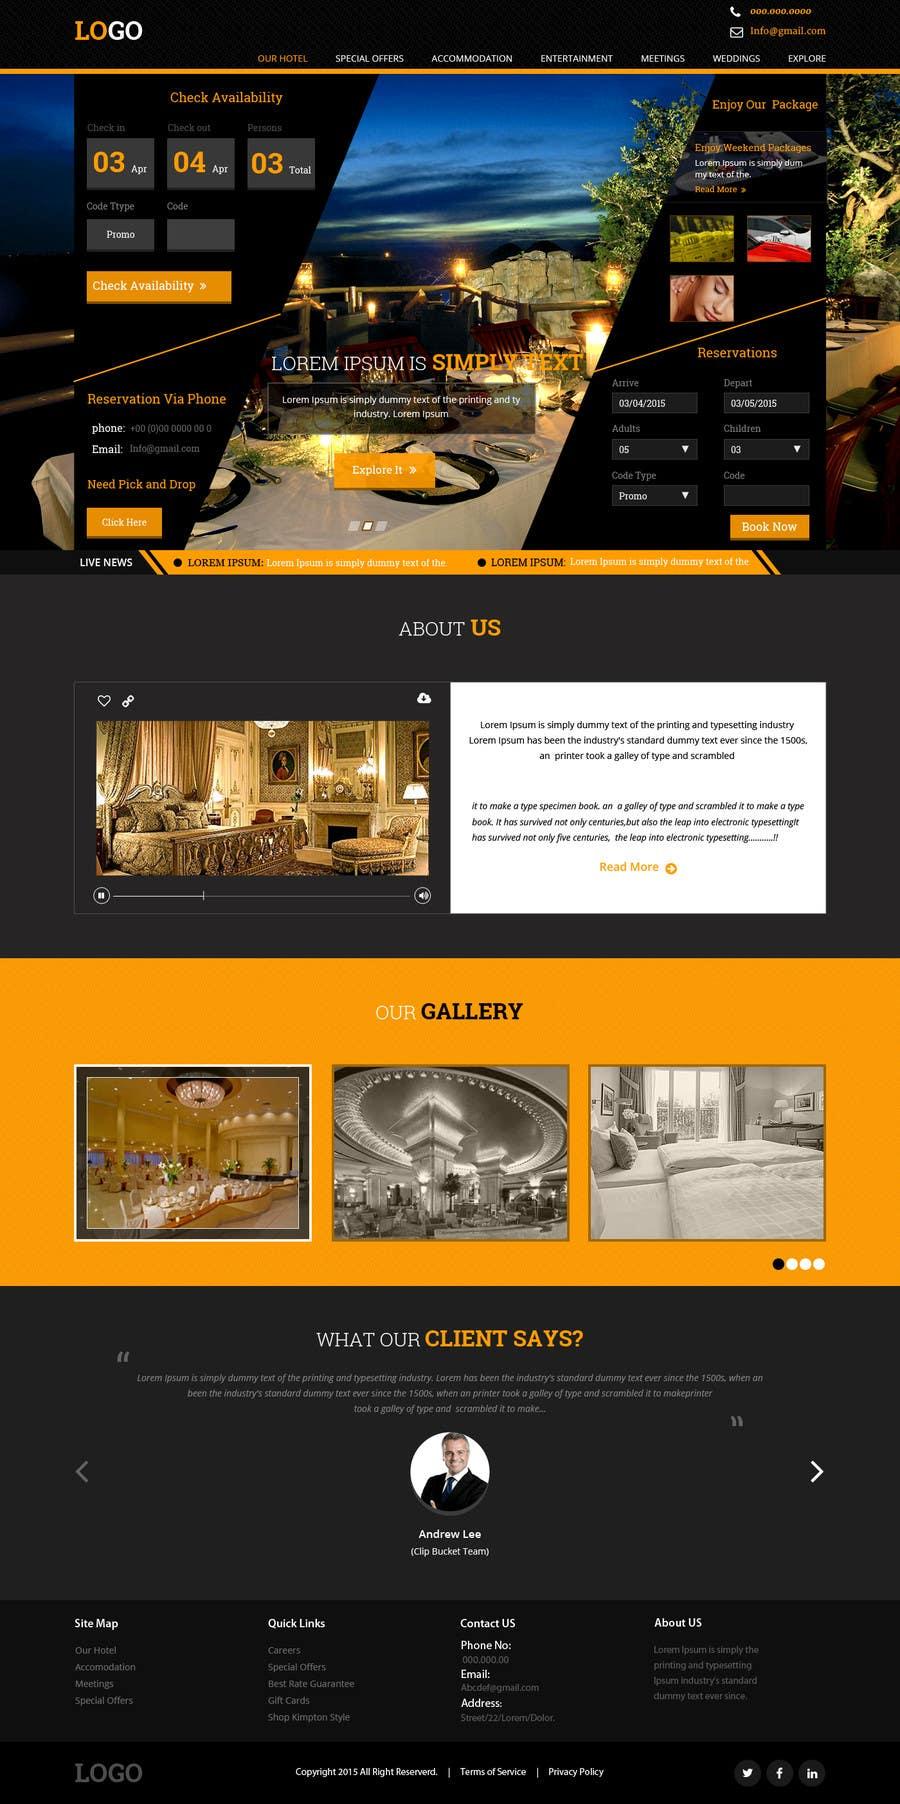 Konkurrenceindlæg #                                        19                                      for                                         Design a Website Mockup for Hotel